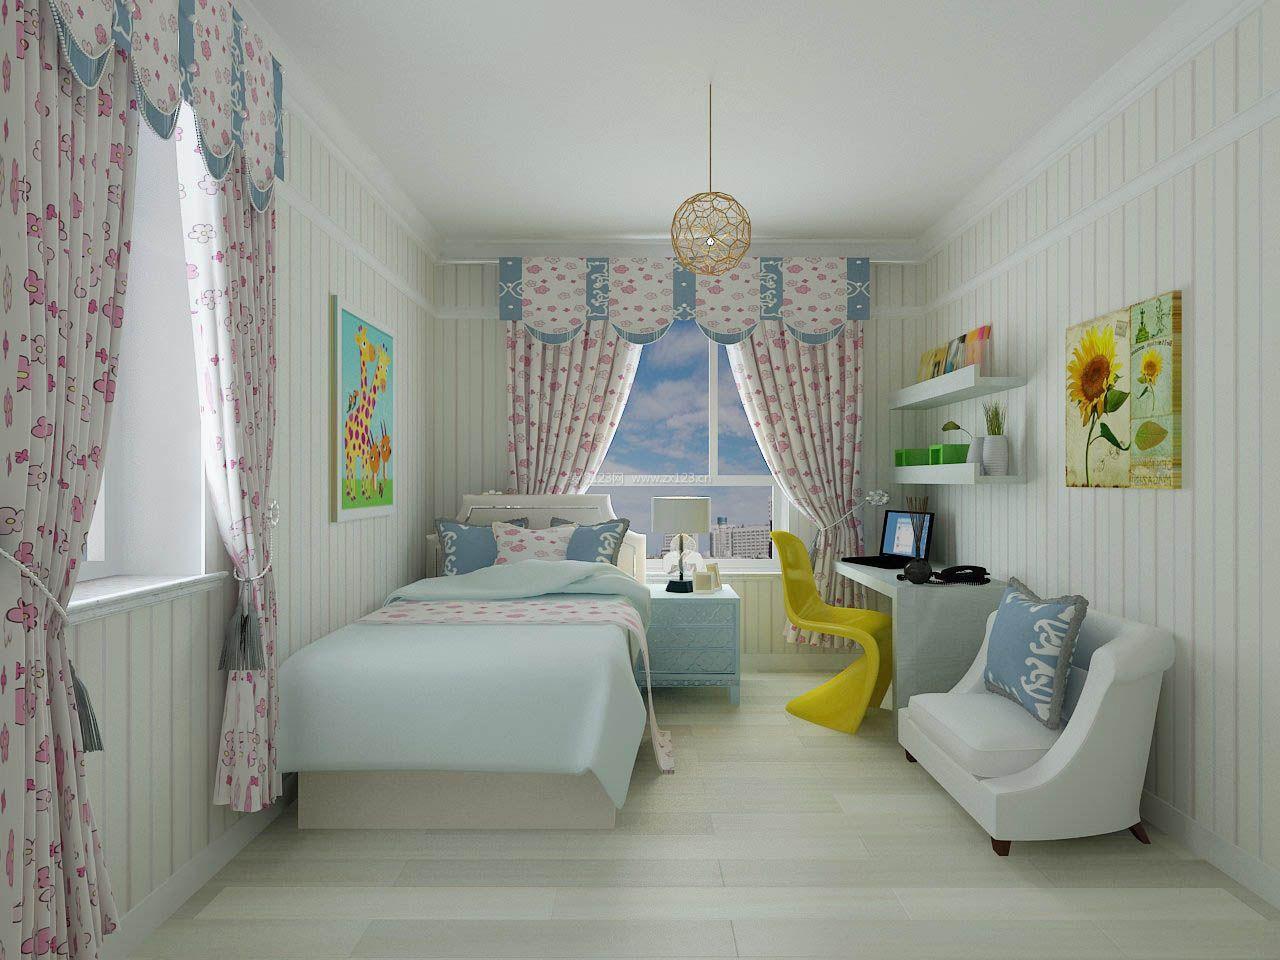 2017公主房窗帘设计3d效果图